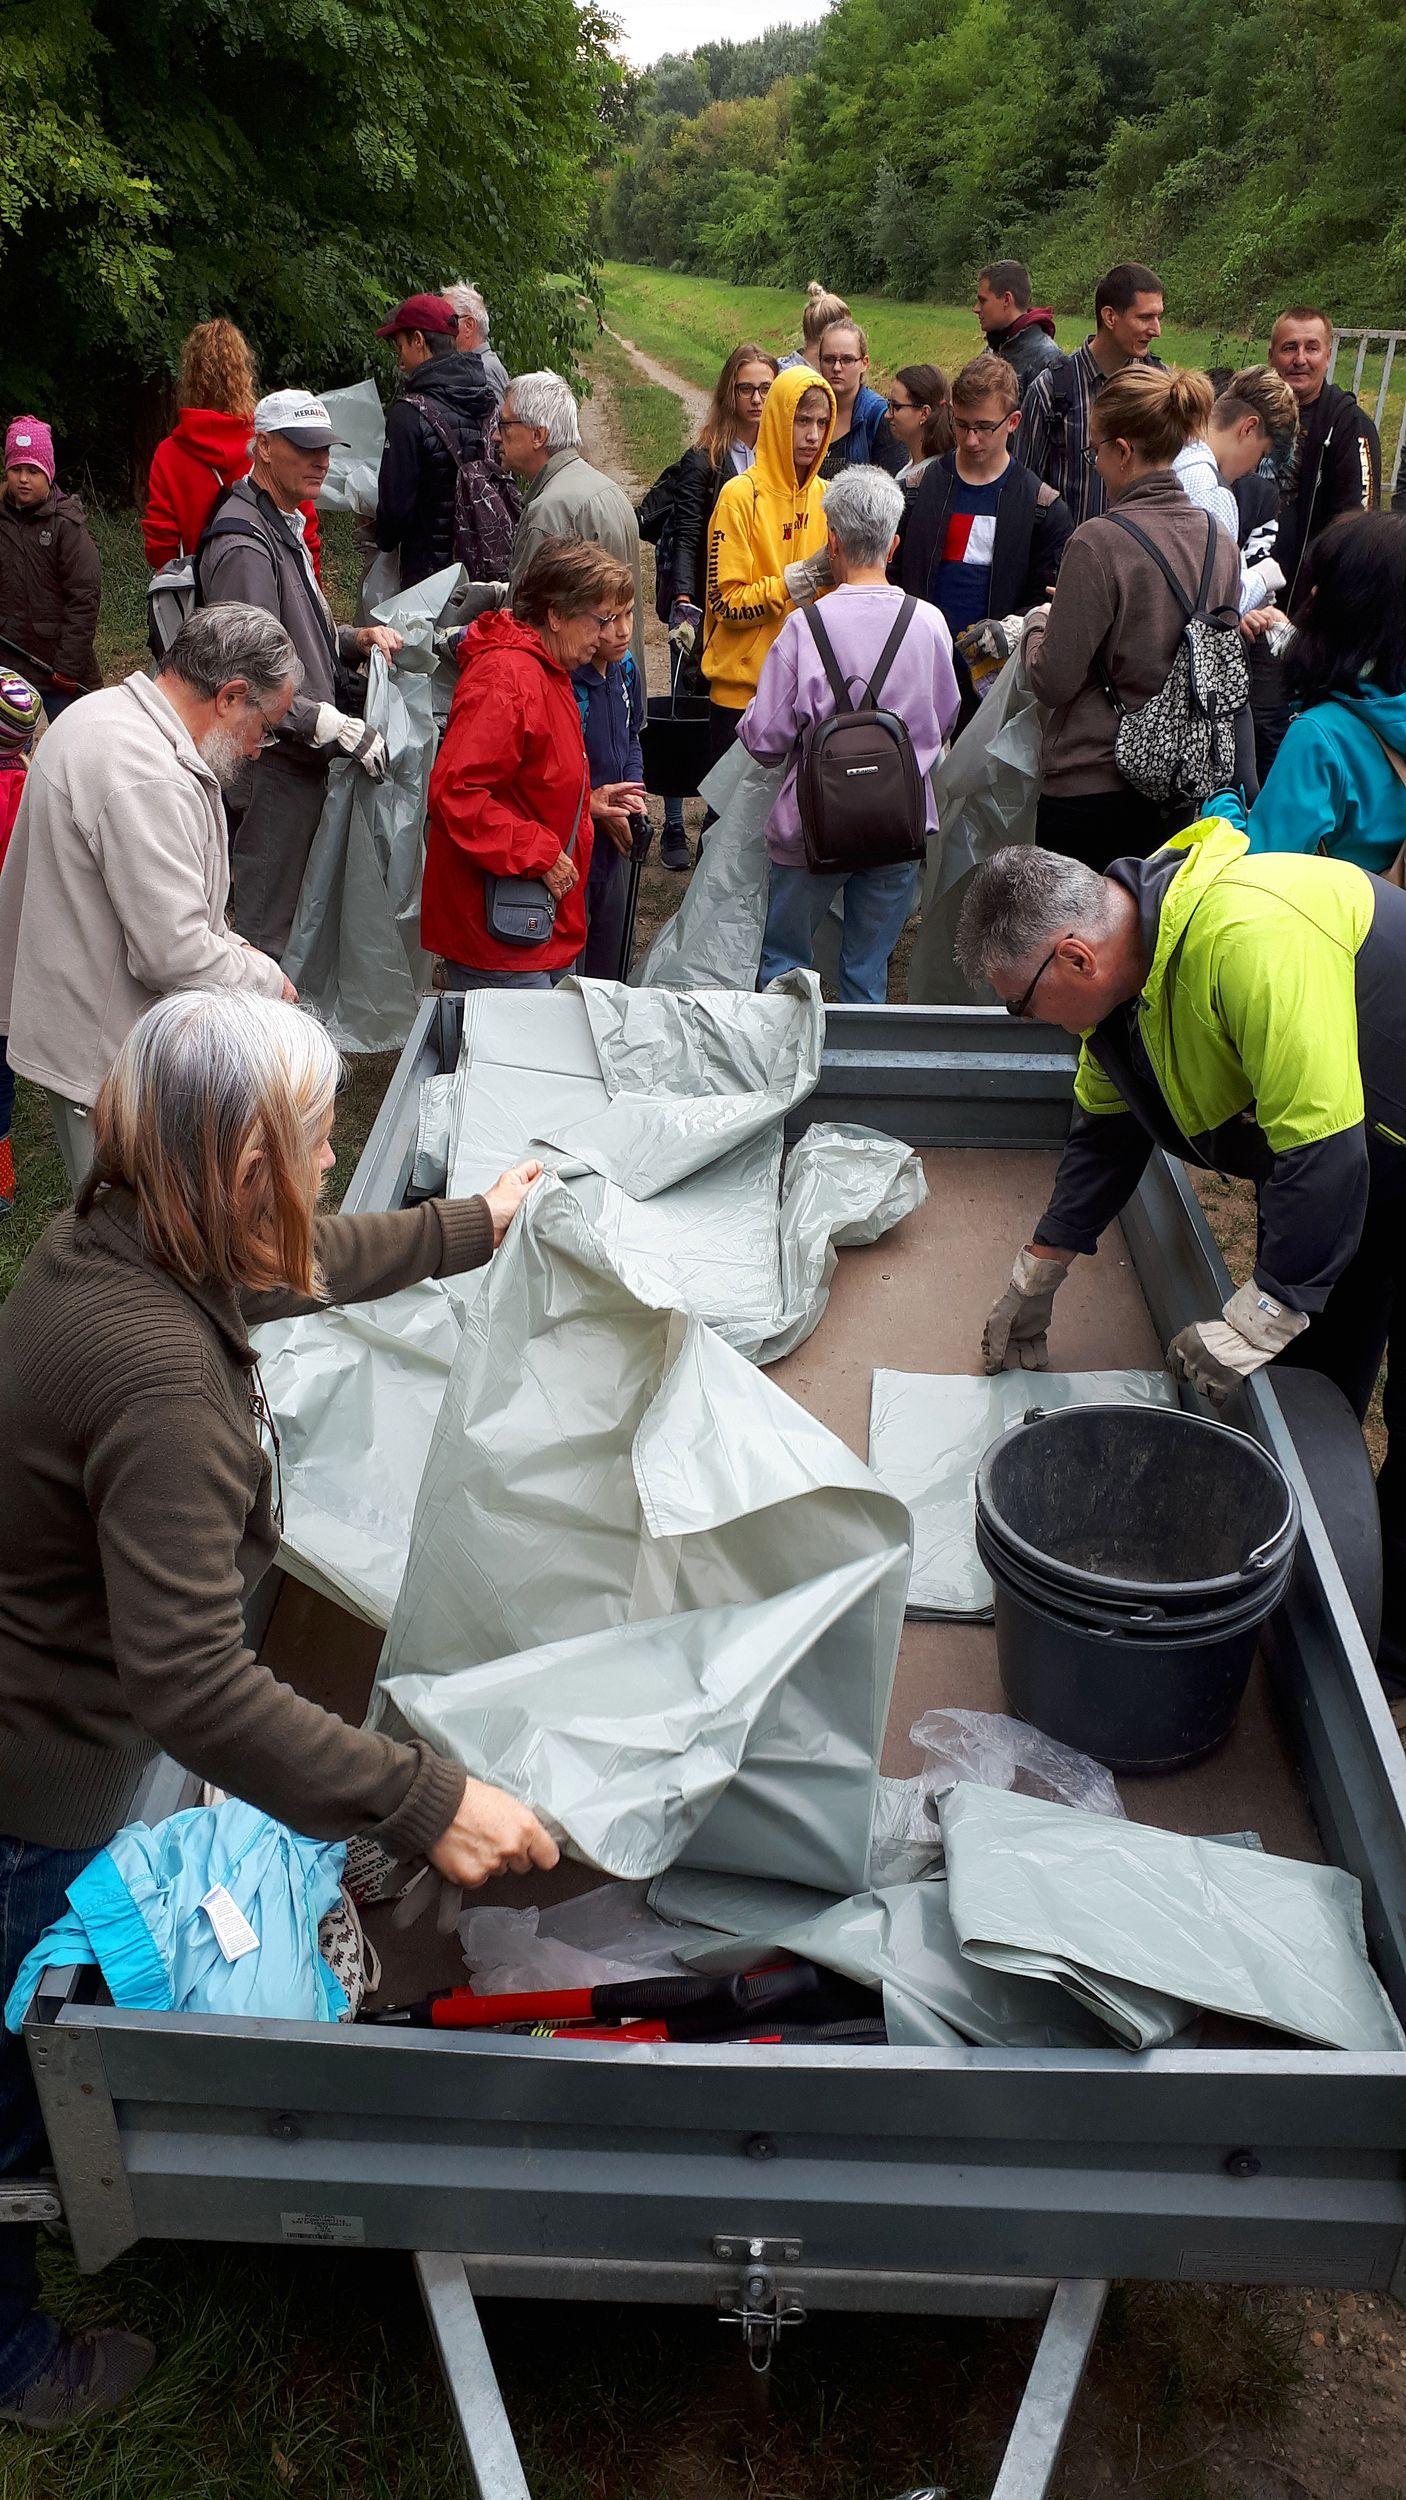 Az eligazítást követően szétosztásra kerültek az eszközök és a szemeteszsákok (Fotó: Bajor Zoltán)